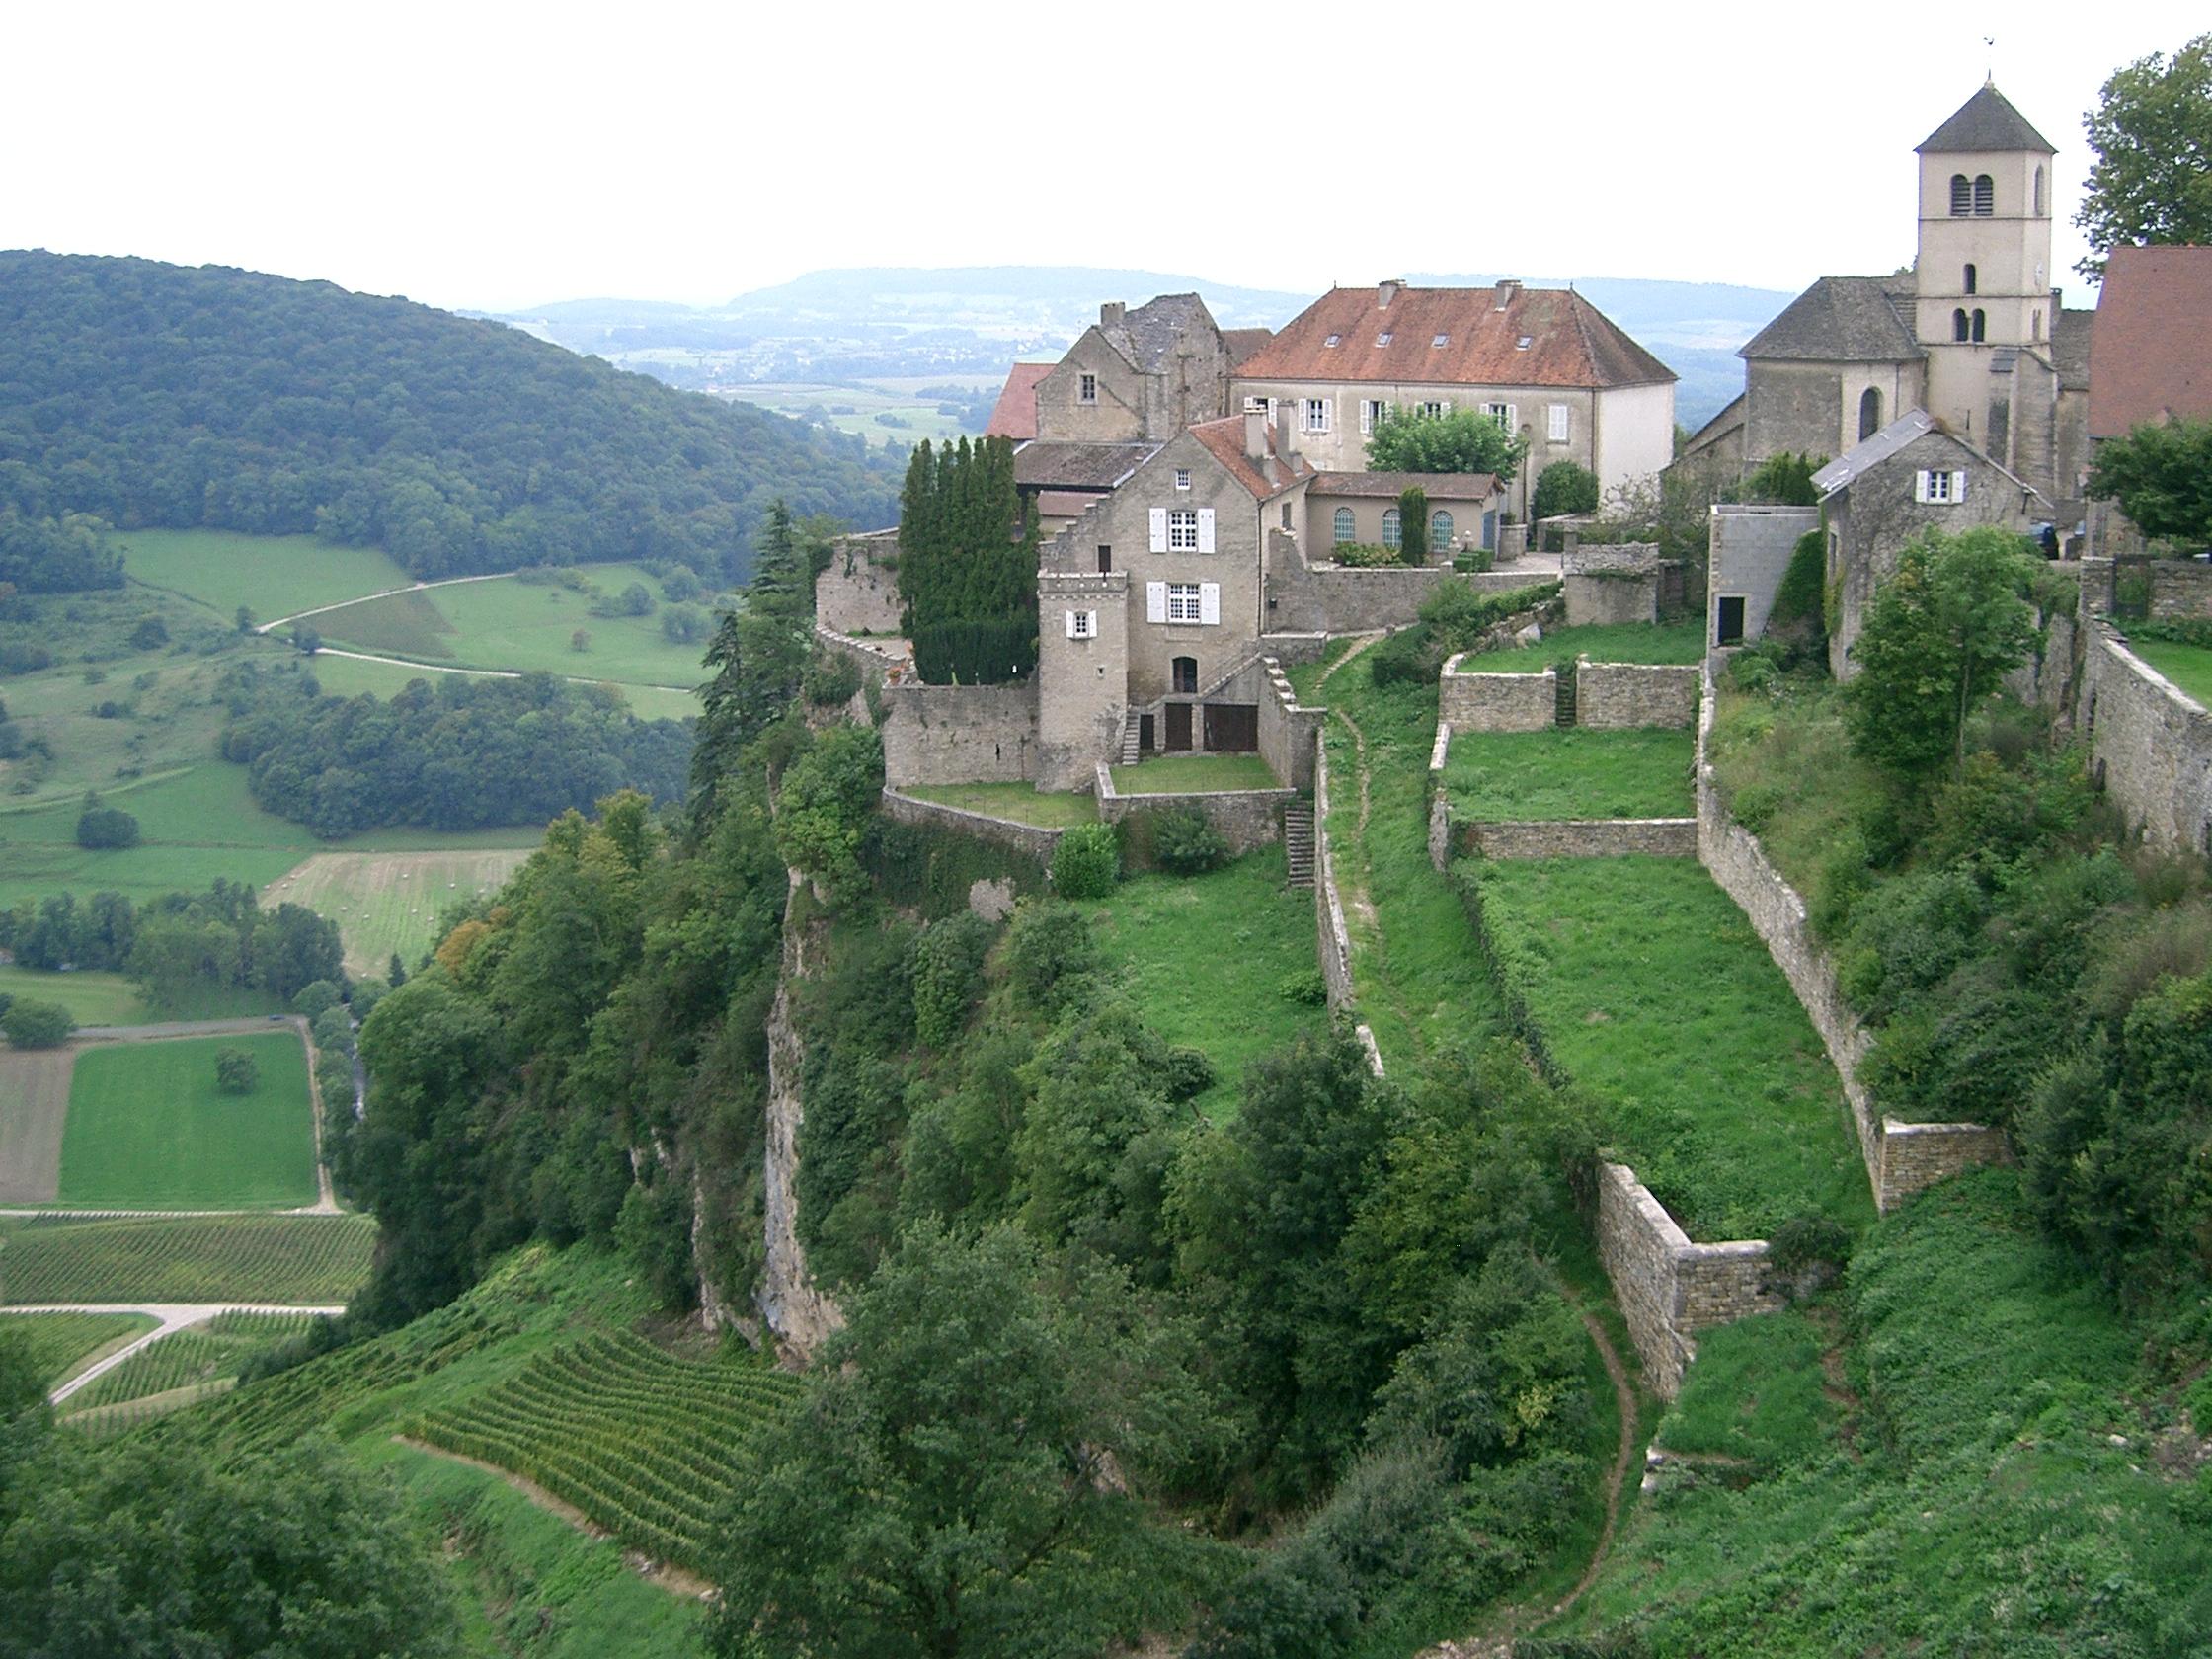 900-chateau-chalon-plus-beaux-villages-de-france-jura.jpg